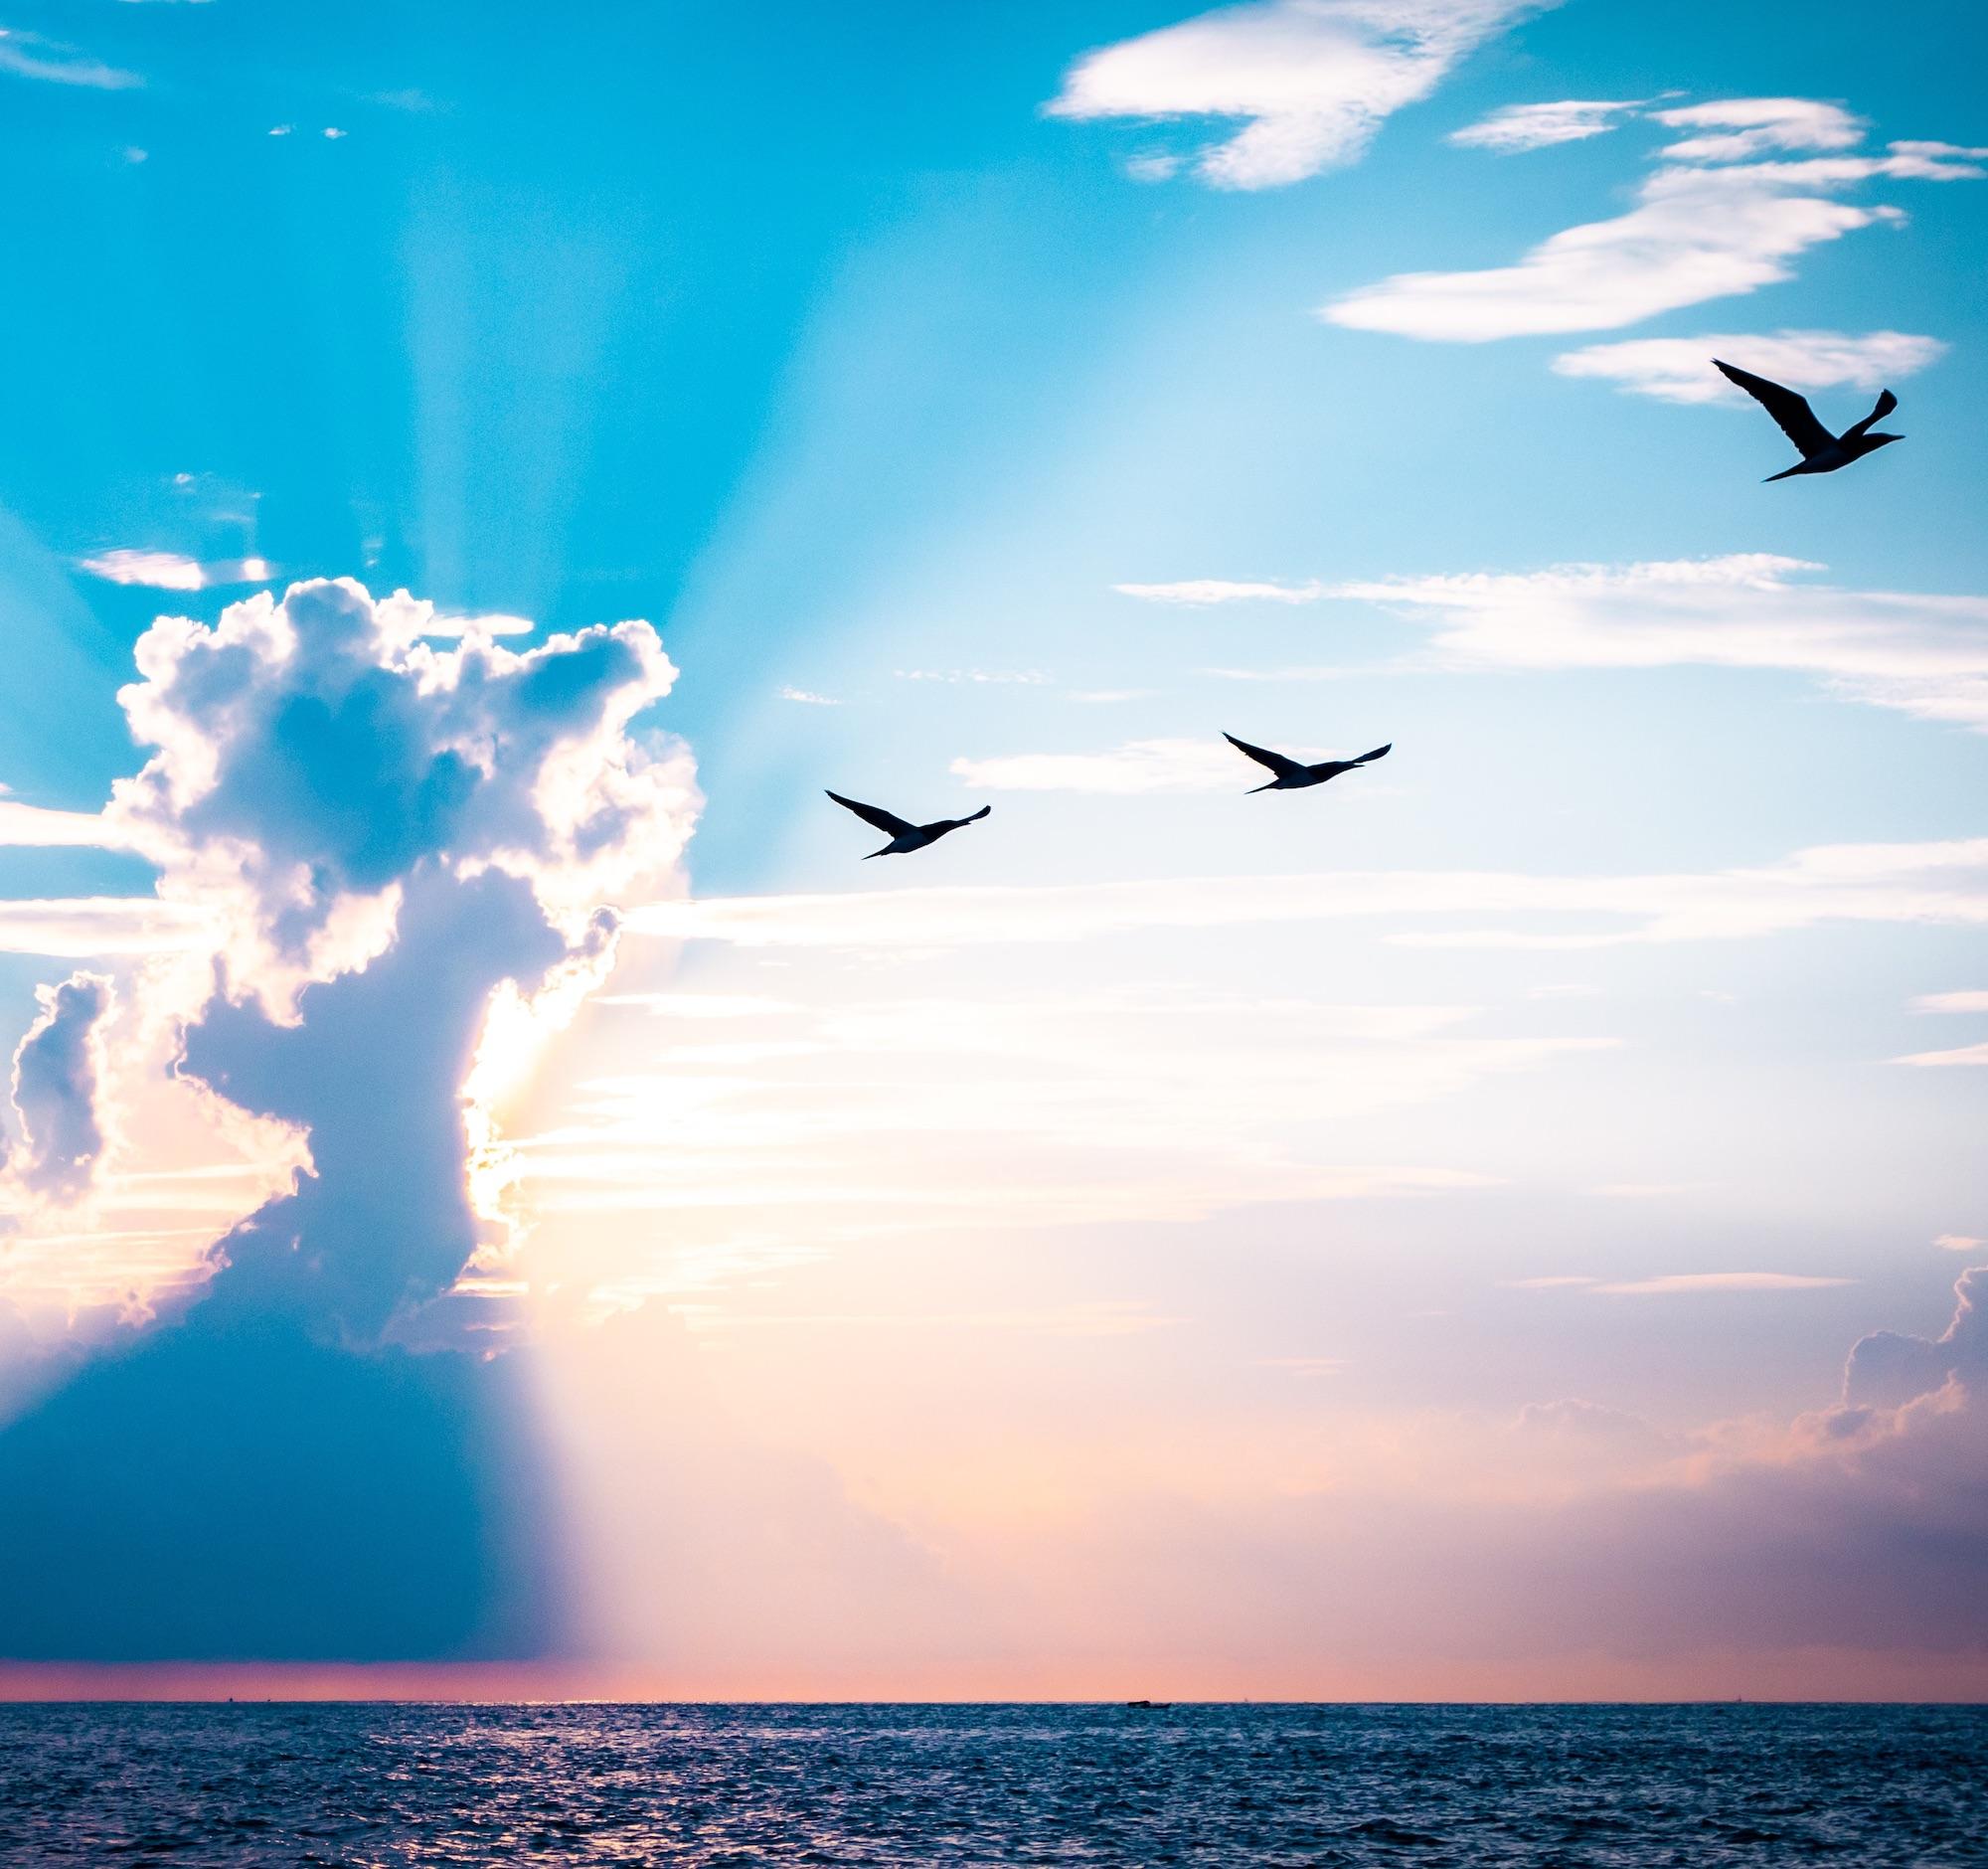 sky over ocean with birds flying towards sun